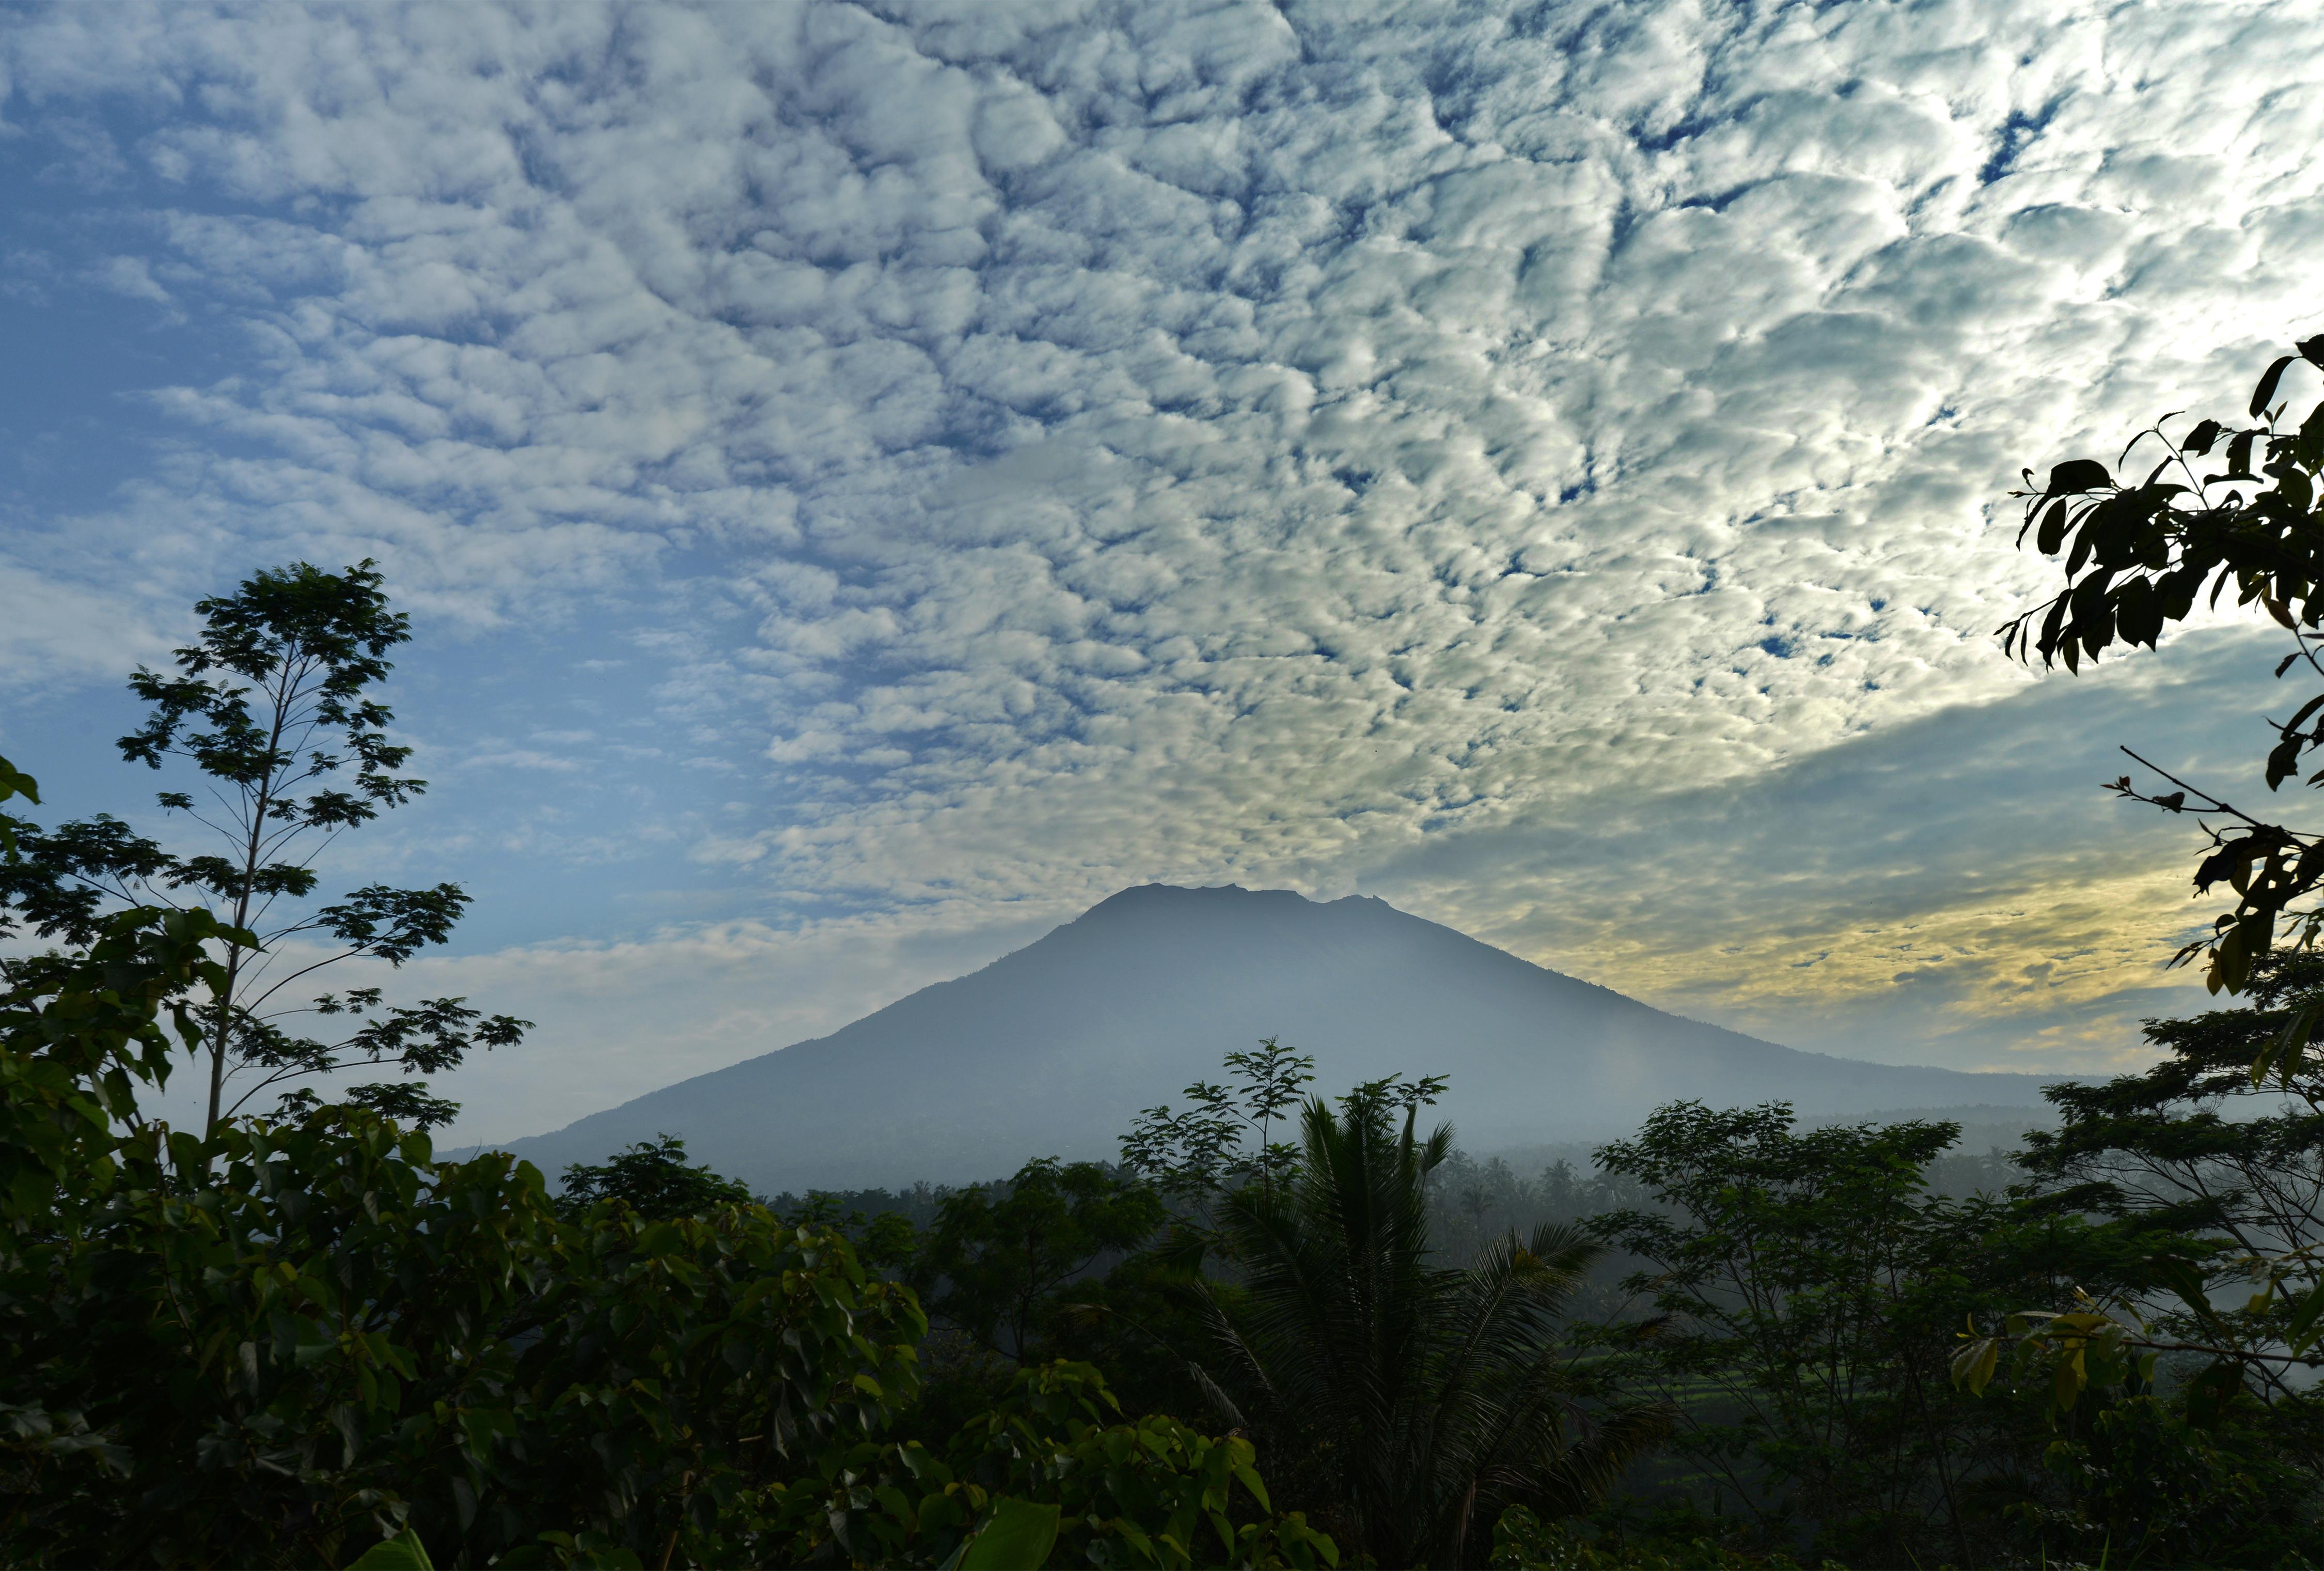 34 ezer ember menekül egy vulkán haragja elől Balin